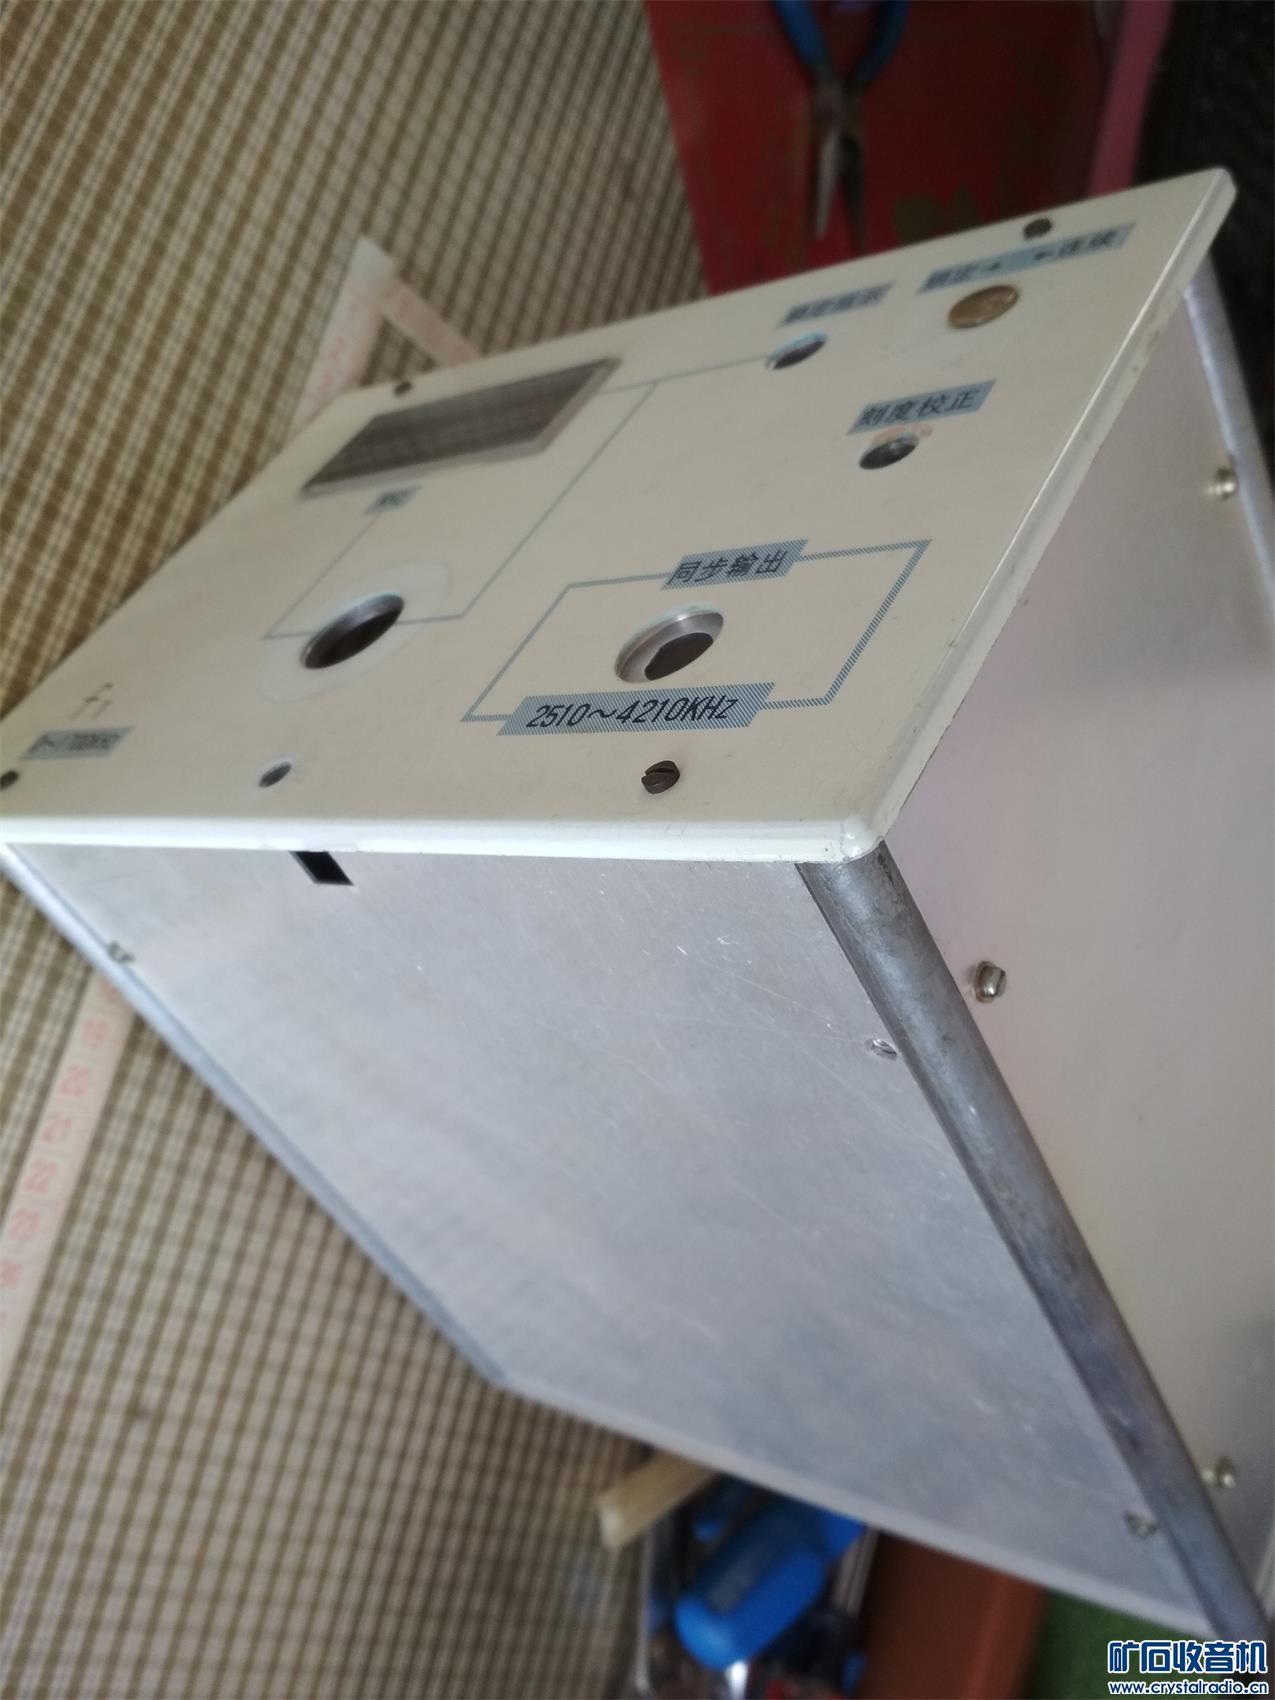 9730号老仪表机箱上的全铝盒2个共各差2块侧板2个一起60元不邮 (4).jpg